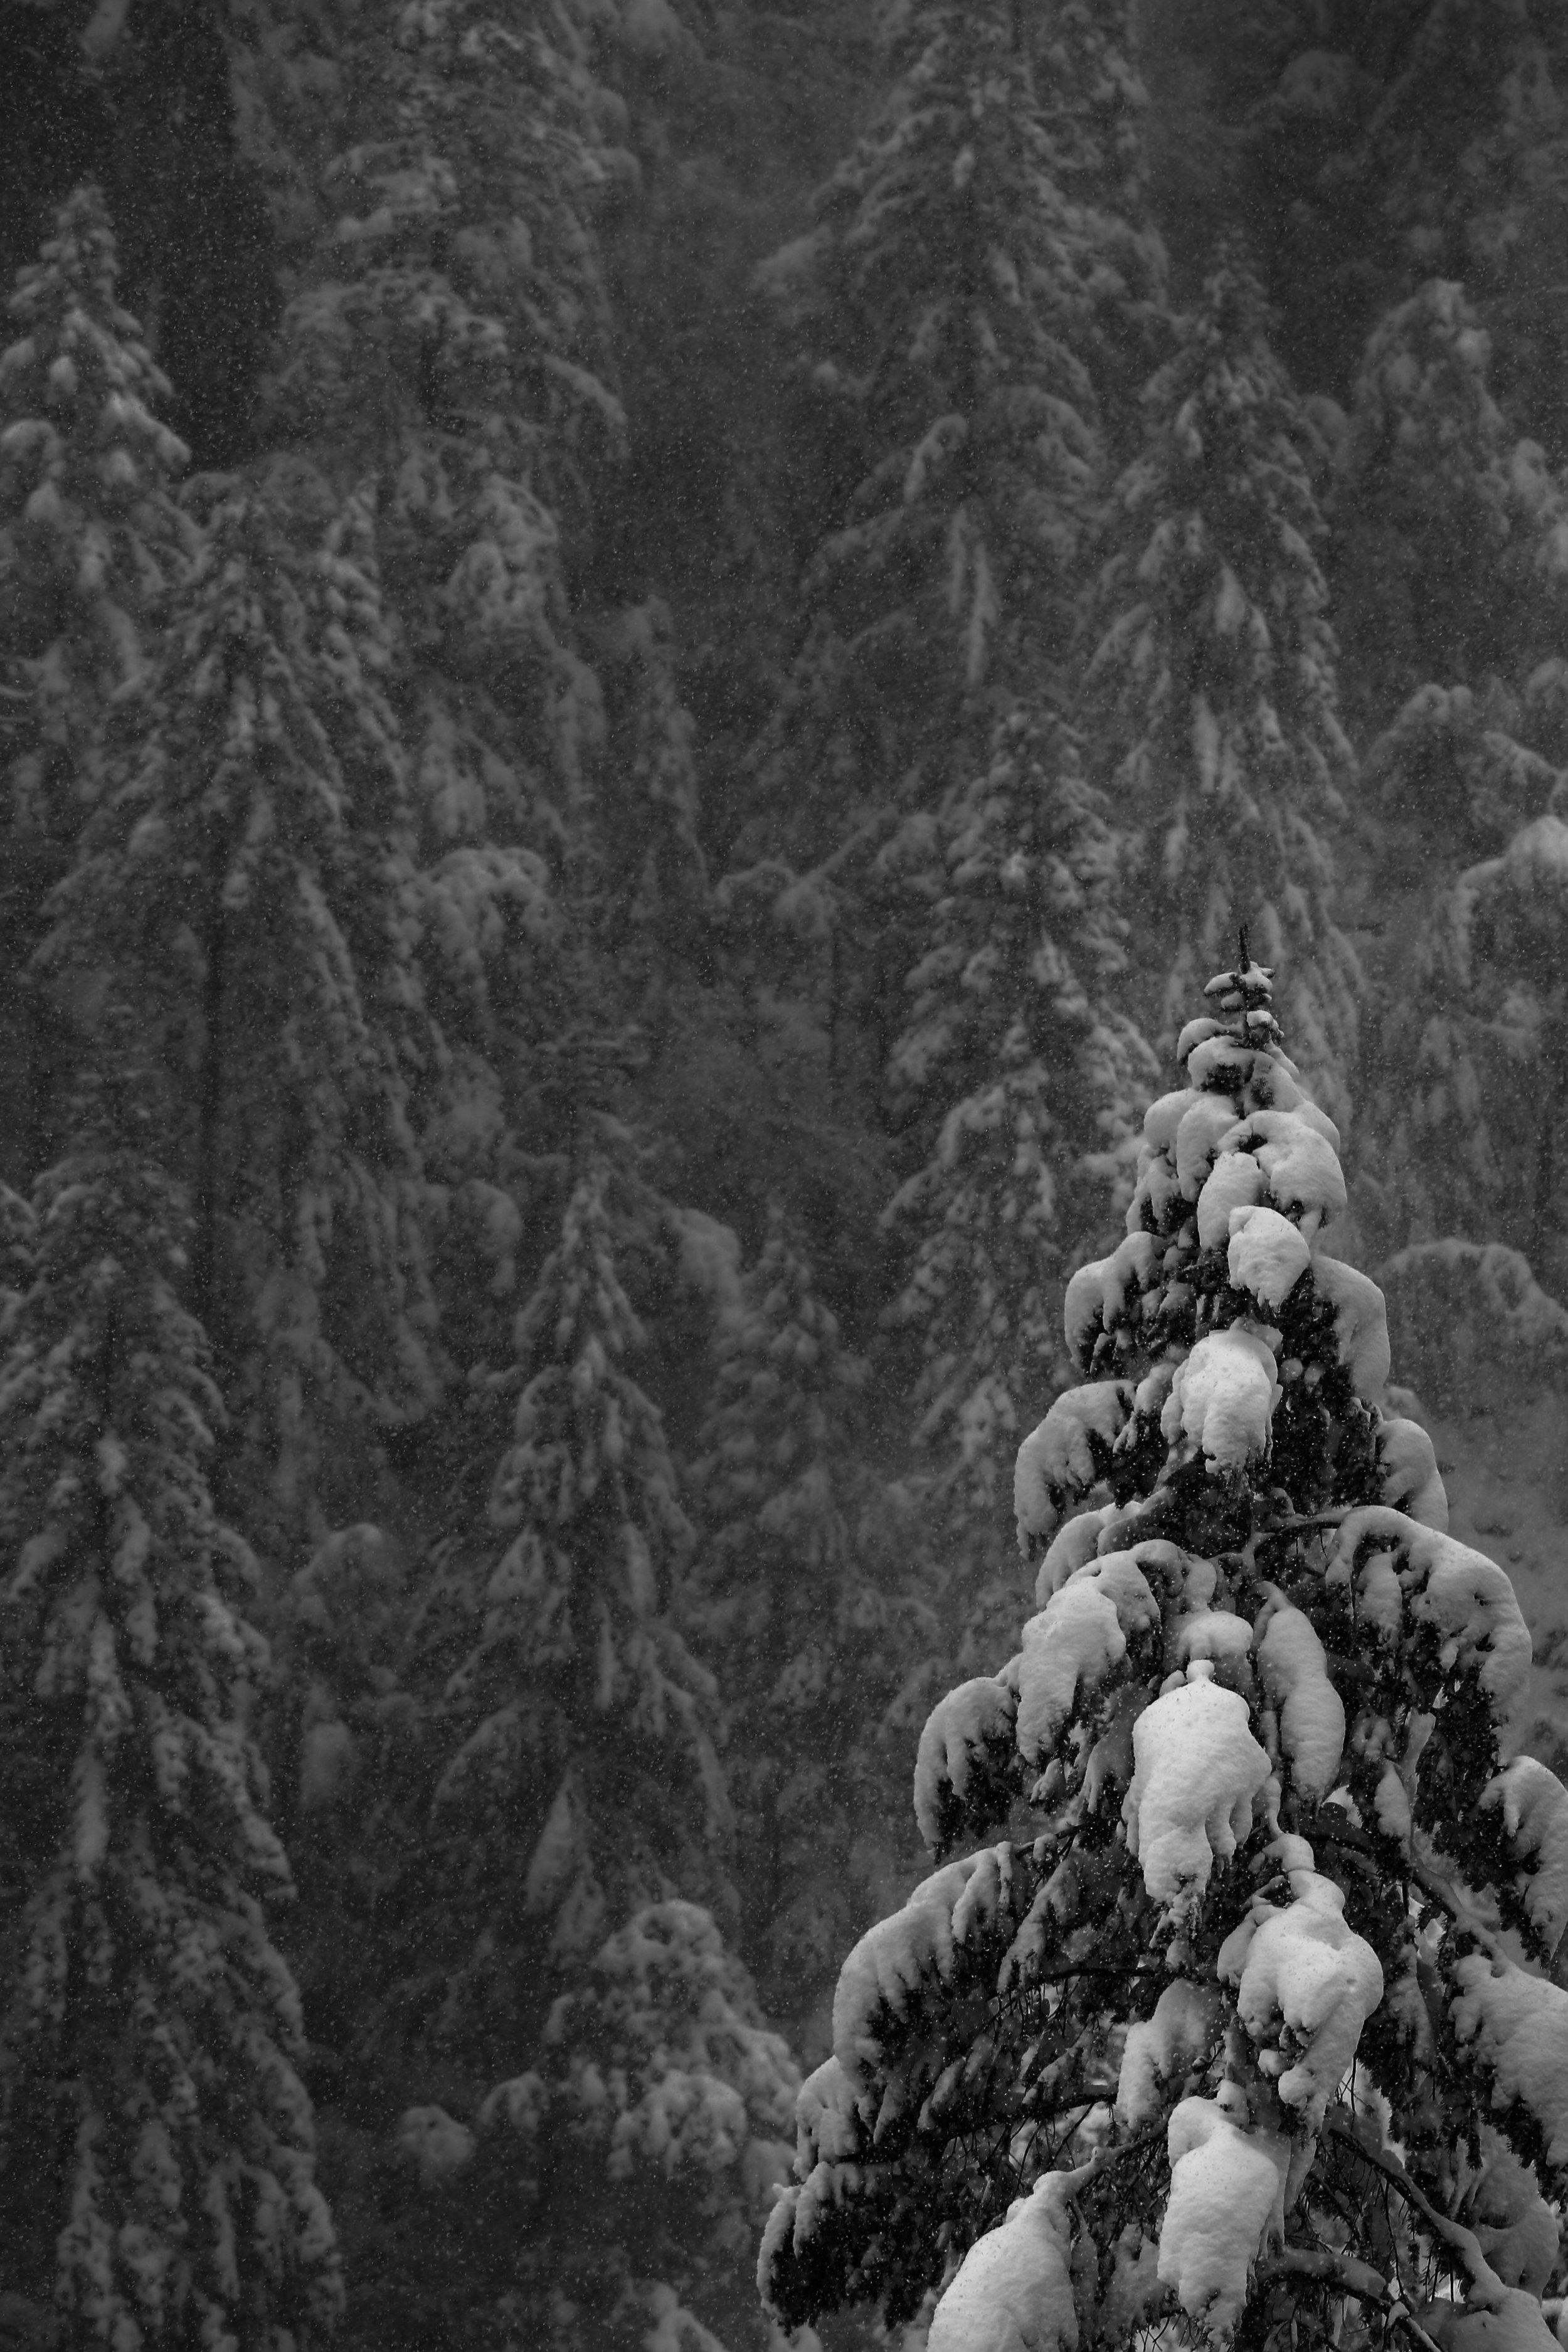 Yosemite_2019_1.jpg